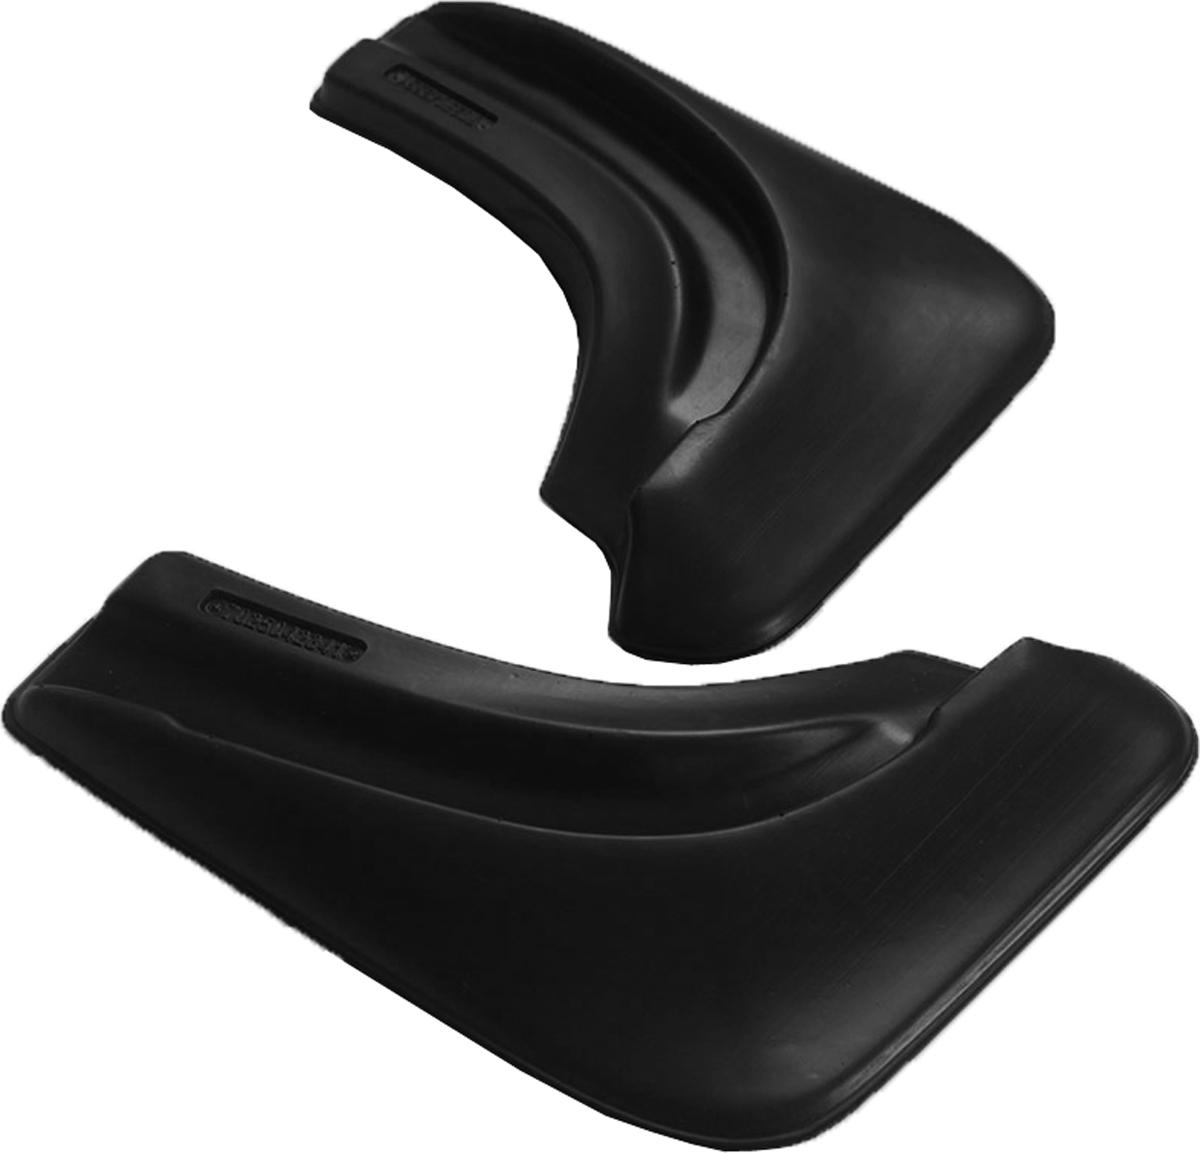 Комплект задних брызговиков L.Locker, для Geely Emgrand X7 (11-)7025042361Брызговики L.Locker изготовлены из высококачественного полиуретана. Уникальный состав брызговиков допускает их эксплуатацию в широком диапазоне температур: от -50°С до +80°С. Эффективно защищают кузов автомобиля от грязи и воды - формируют аэродинамический поток воздуха, создаваемый при движении вокруг кузова таким образом, чтобы максимально уменьшить образование грязевой измороси, оседающей на автомобиле. Разработаны индивидуально для каждой модели автомобиля, с эстетической точки зрения брызговики являются завершением колесной арки.